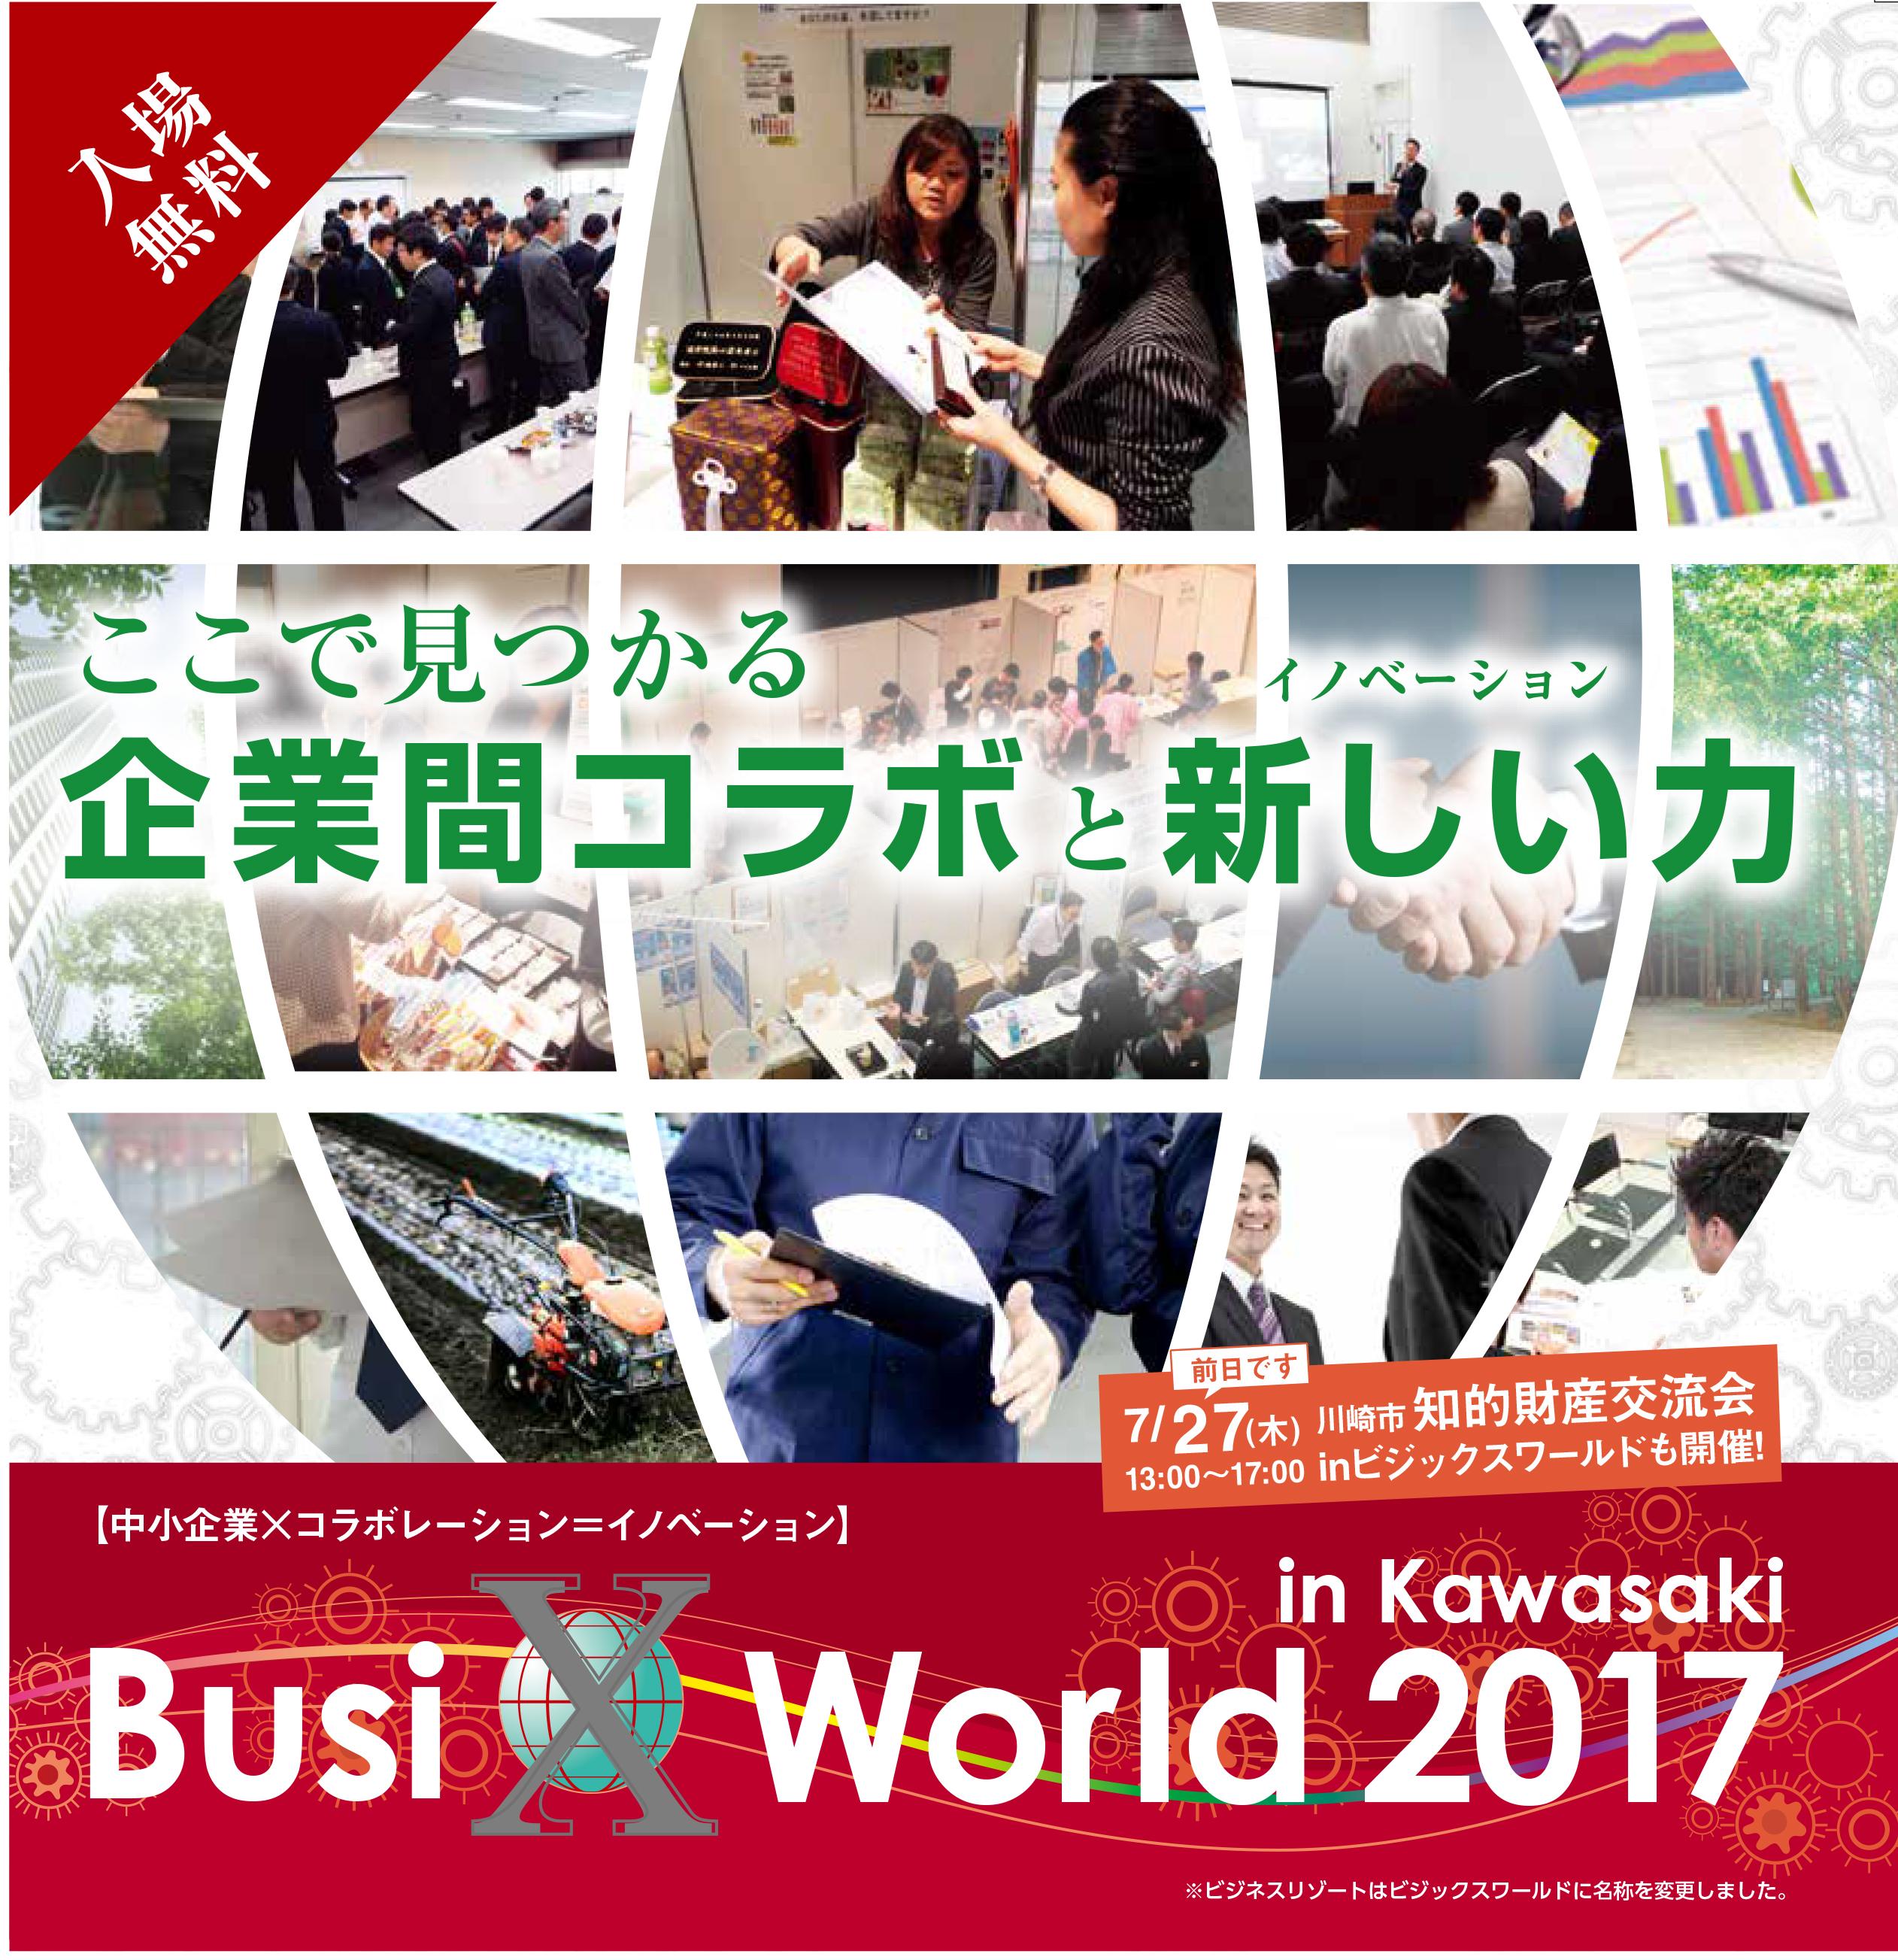 bisixworld2017